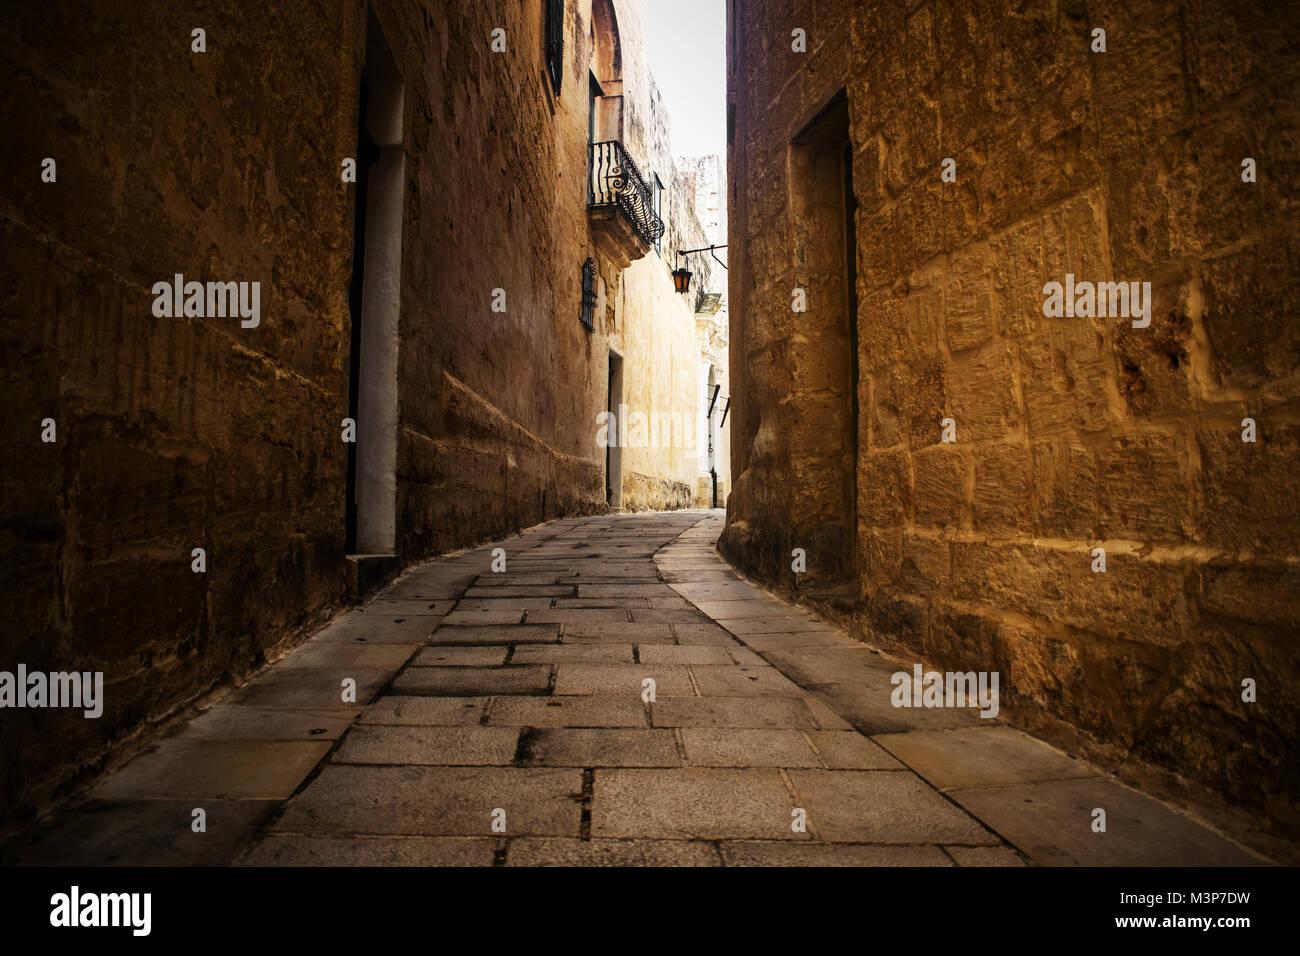 Une route étroite typique et historique y compris murs pavées de Mdina, Malte. Photo Stock